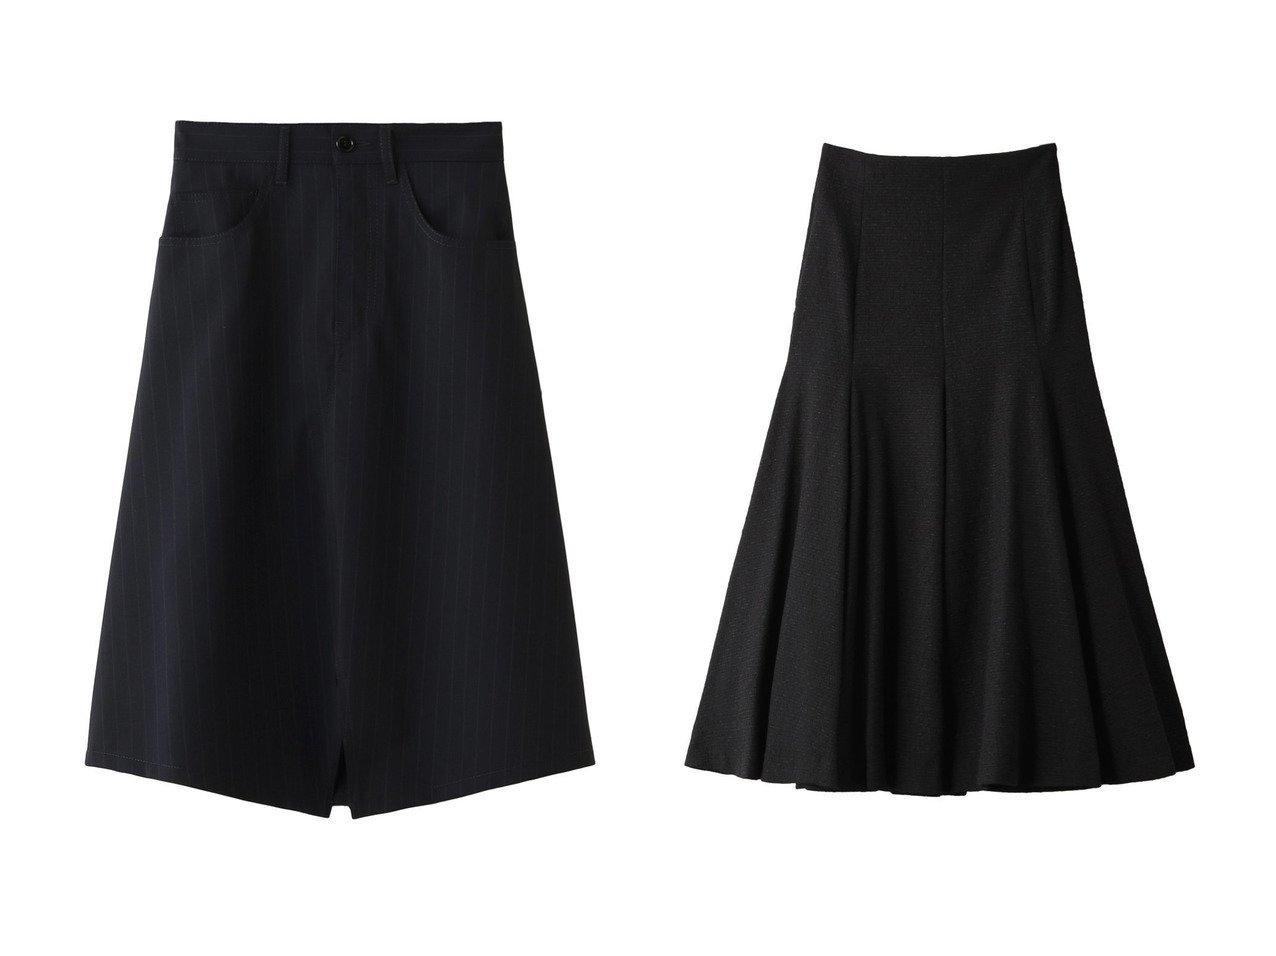 【MM6 Maison Martin Margiela/エムエム6 メゾン マルタン マルジェラ】のピンストライプミックスウールスカート&【BAUME/ボーム】のジャカードマーメイドスカート スカートのおすすめ!人気、レディースファッションの通販 おすすめで人気のファッション通販商品 インテリア・家具・キッズファッション・メンズファッション・レディースファッション・服の通販 founy(ファニー) https://founy.com/ ファッション Fashion レディース WOMEN スカート Skirt ロングスカート Long Skirt ストライプ スーツ ミックス シンプル マキシ マーメイド ロング |ID:crp329100000000065